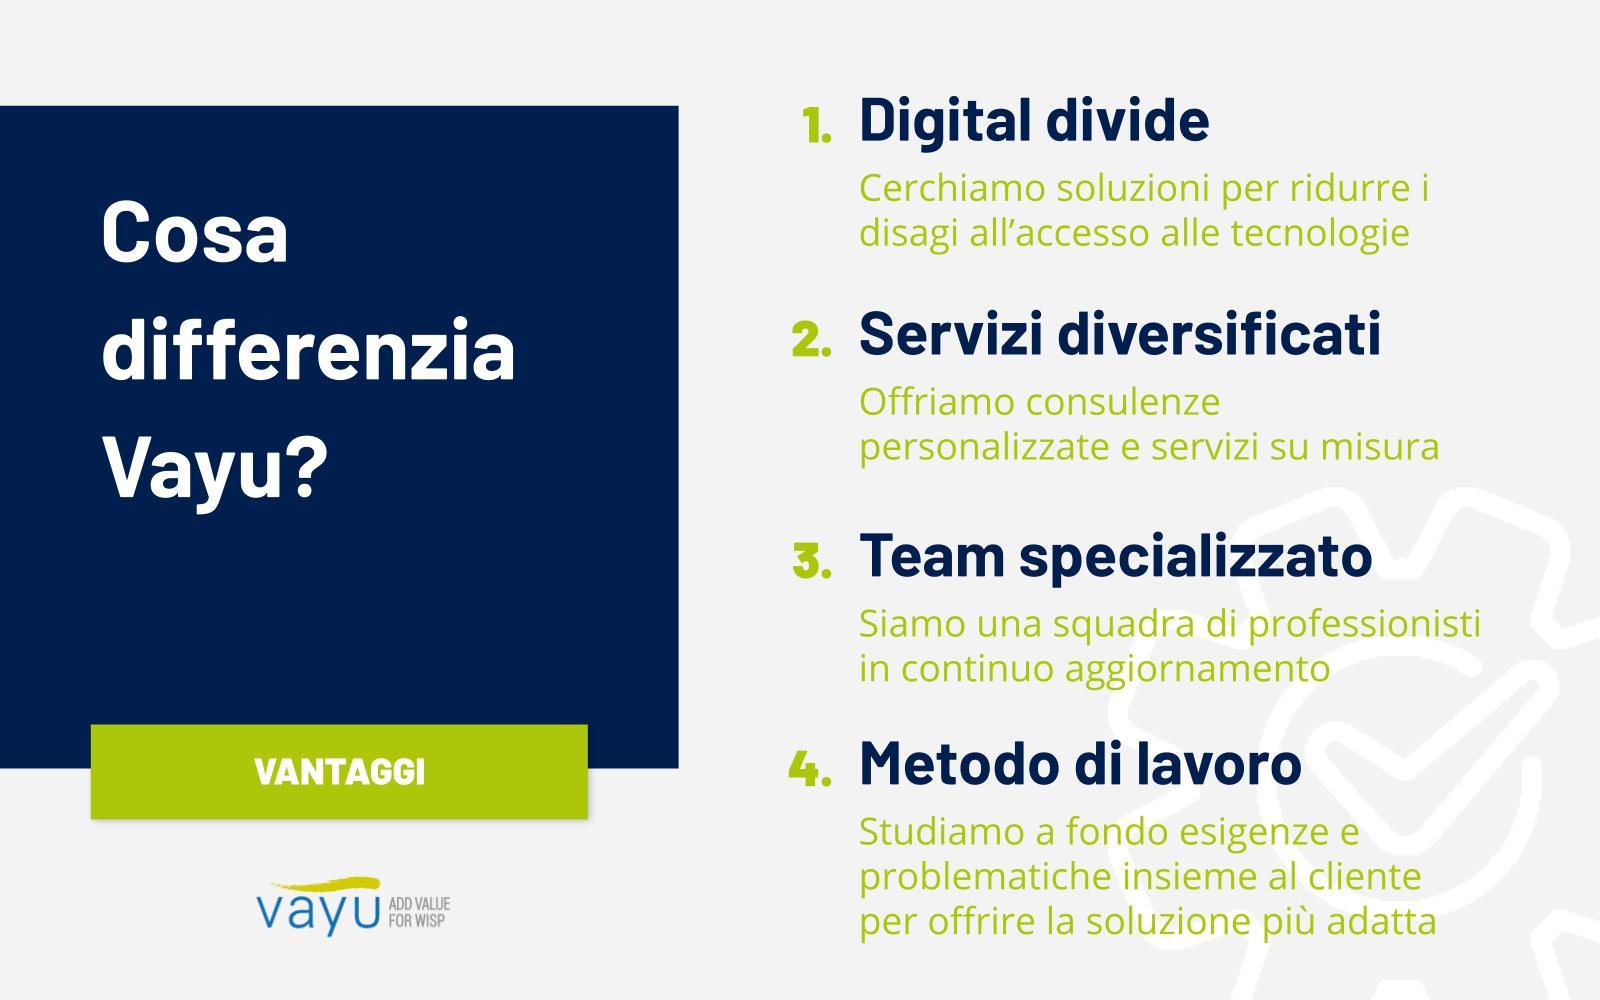 Wisp e Isp italiani scelgono Vayu: scopri in cosa si differenziano dai competitor